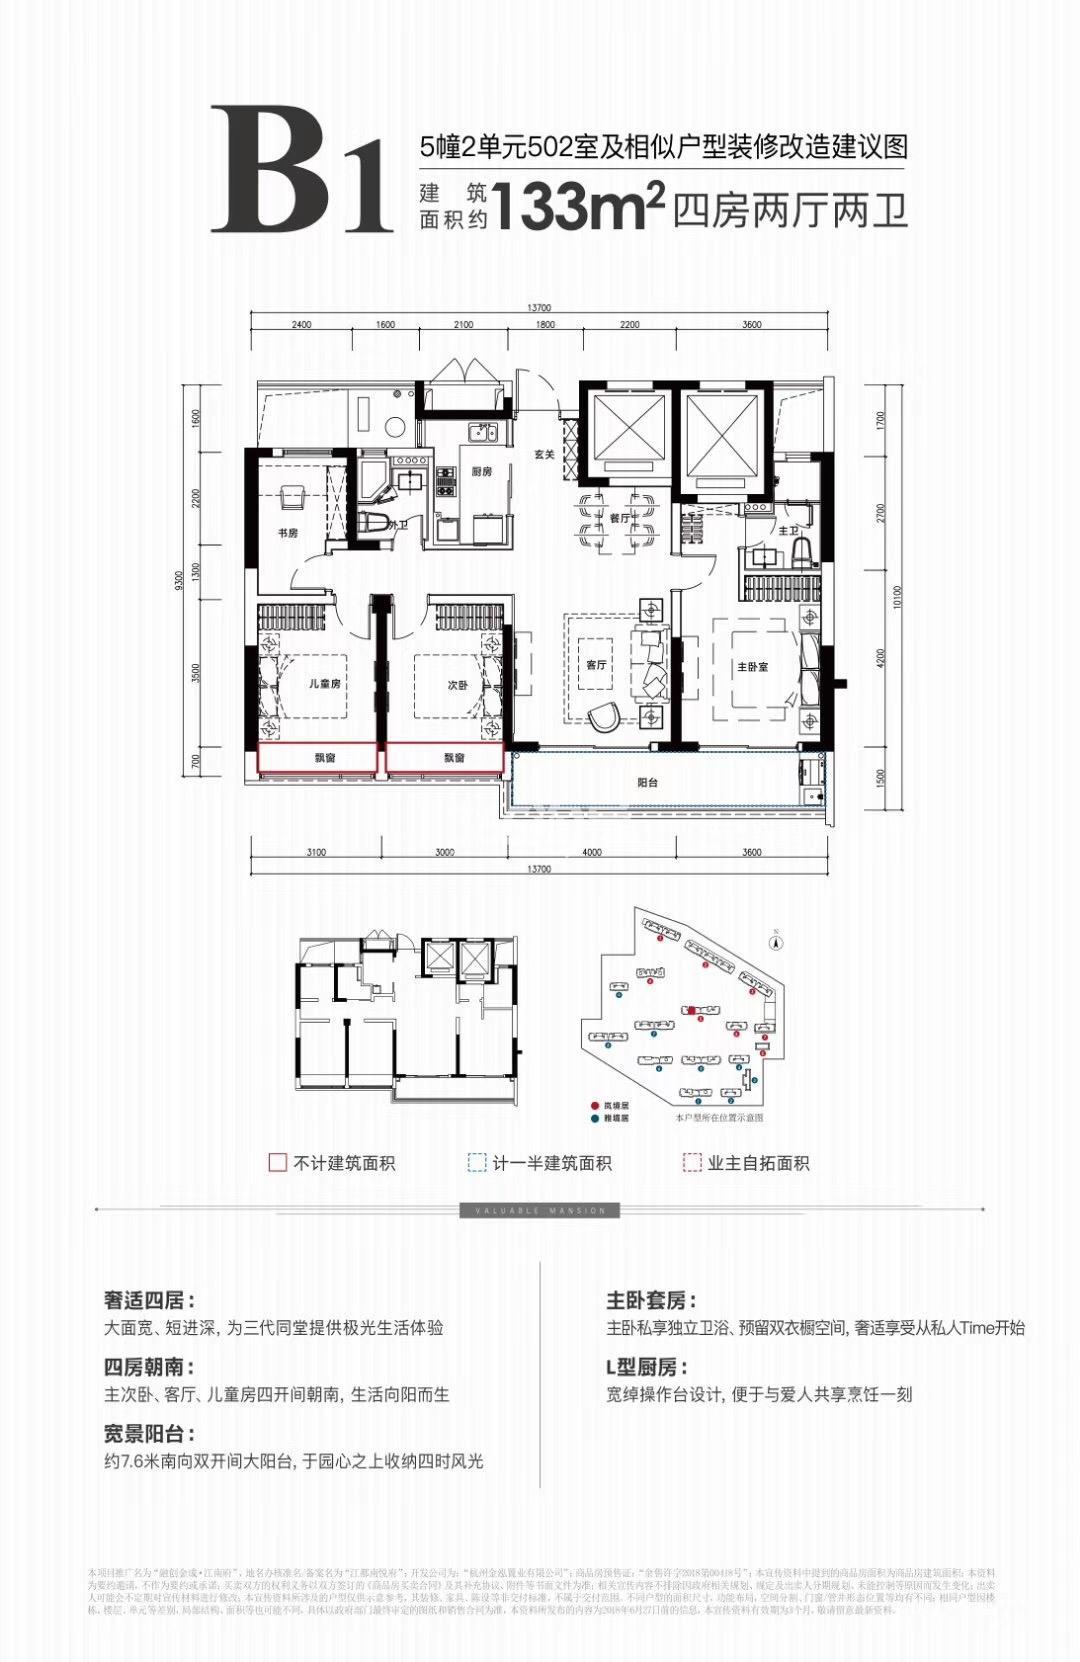 融创金成江南府5号楼B1户型133方户型图